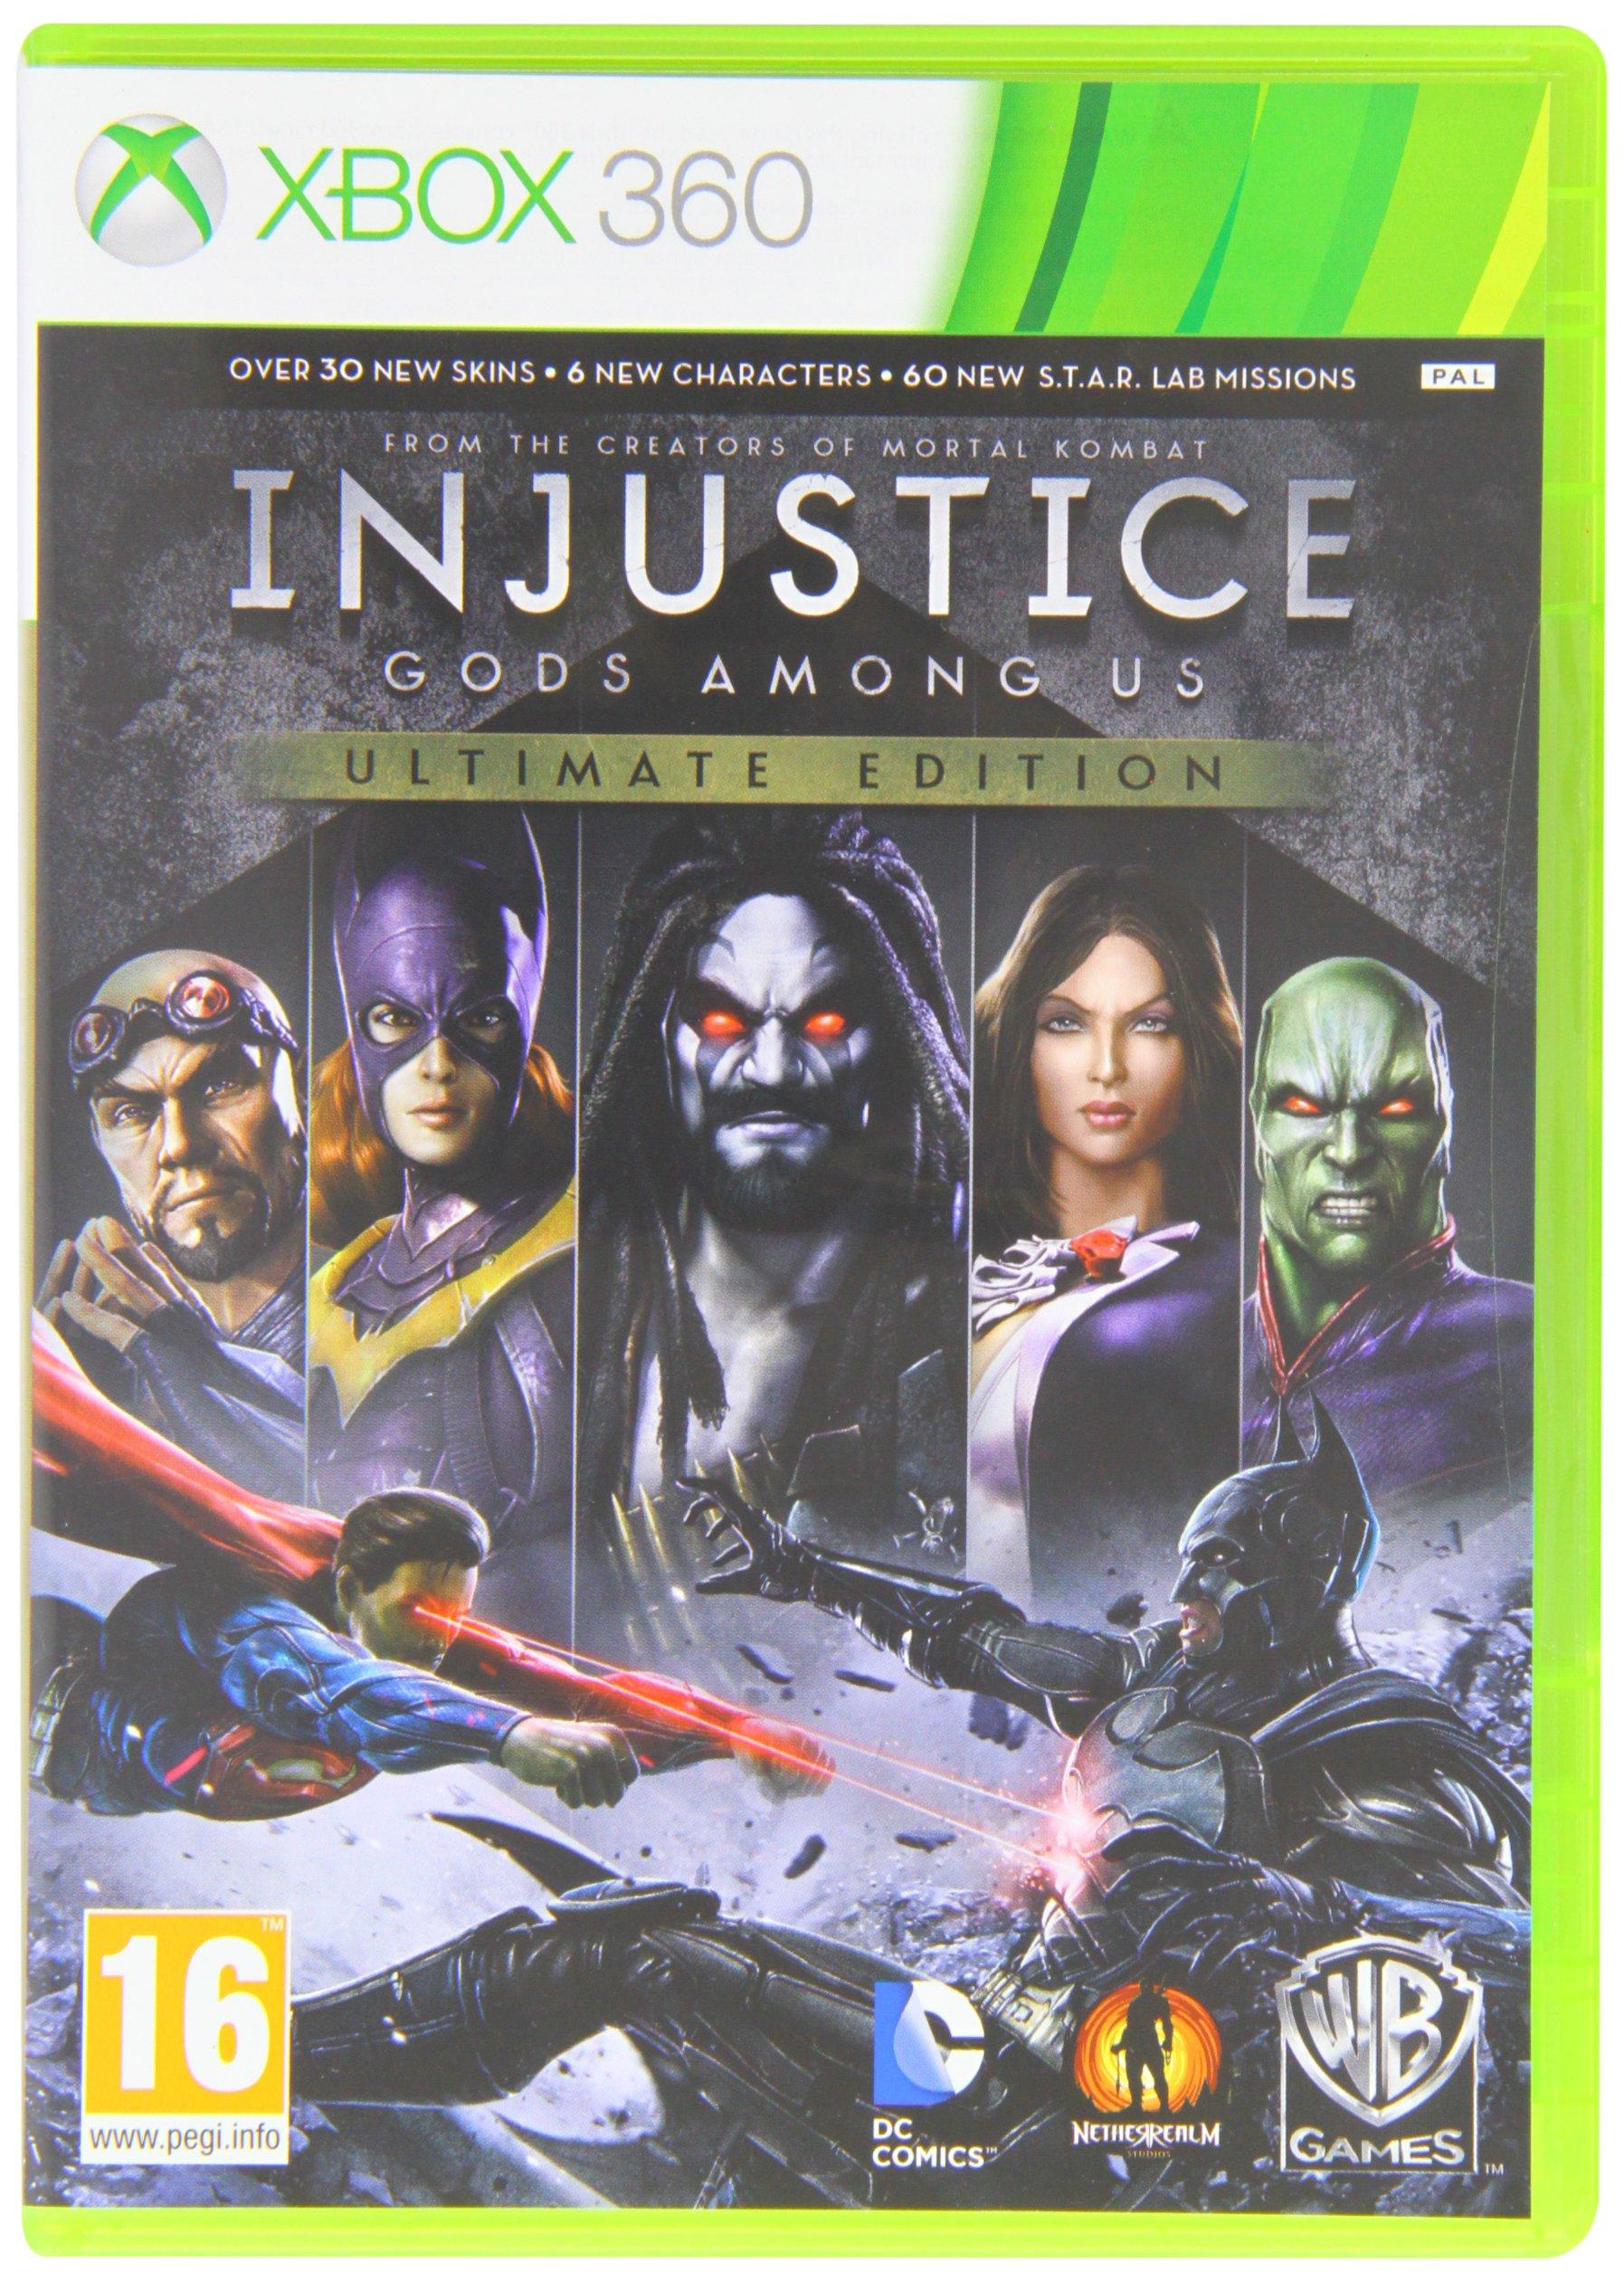 Injustice: Gods Among Us Ultimate Edition (XBOX 360) [importación inglesa]: Amazon.es: Videojuegos